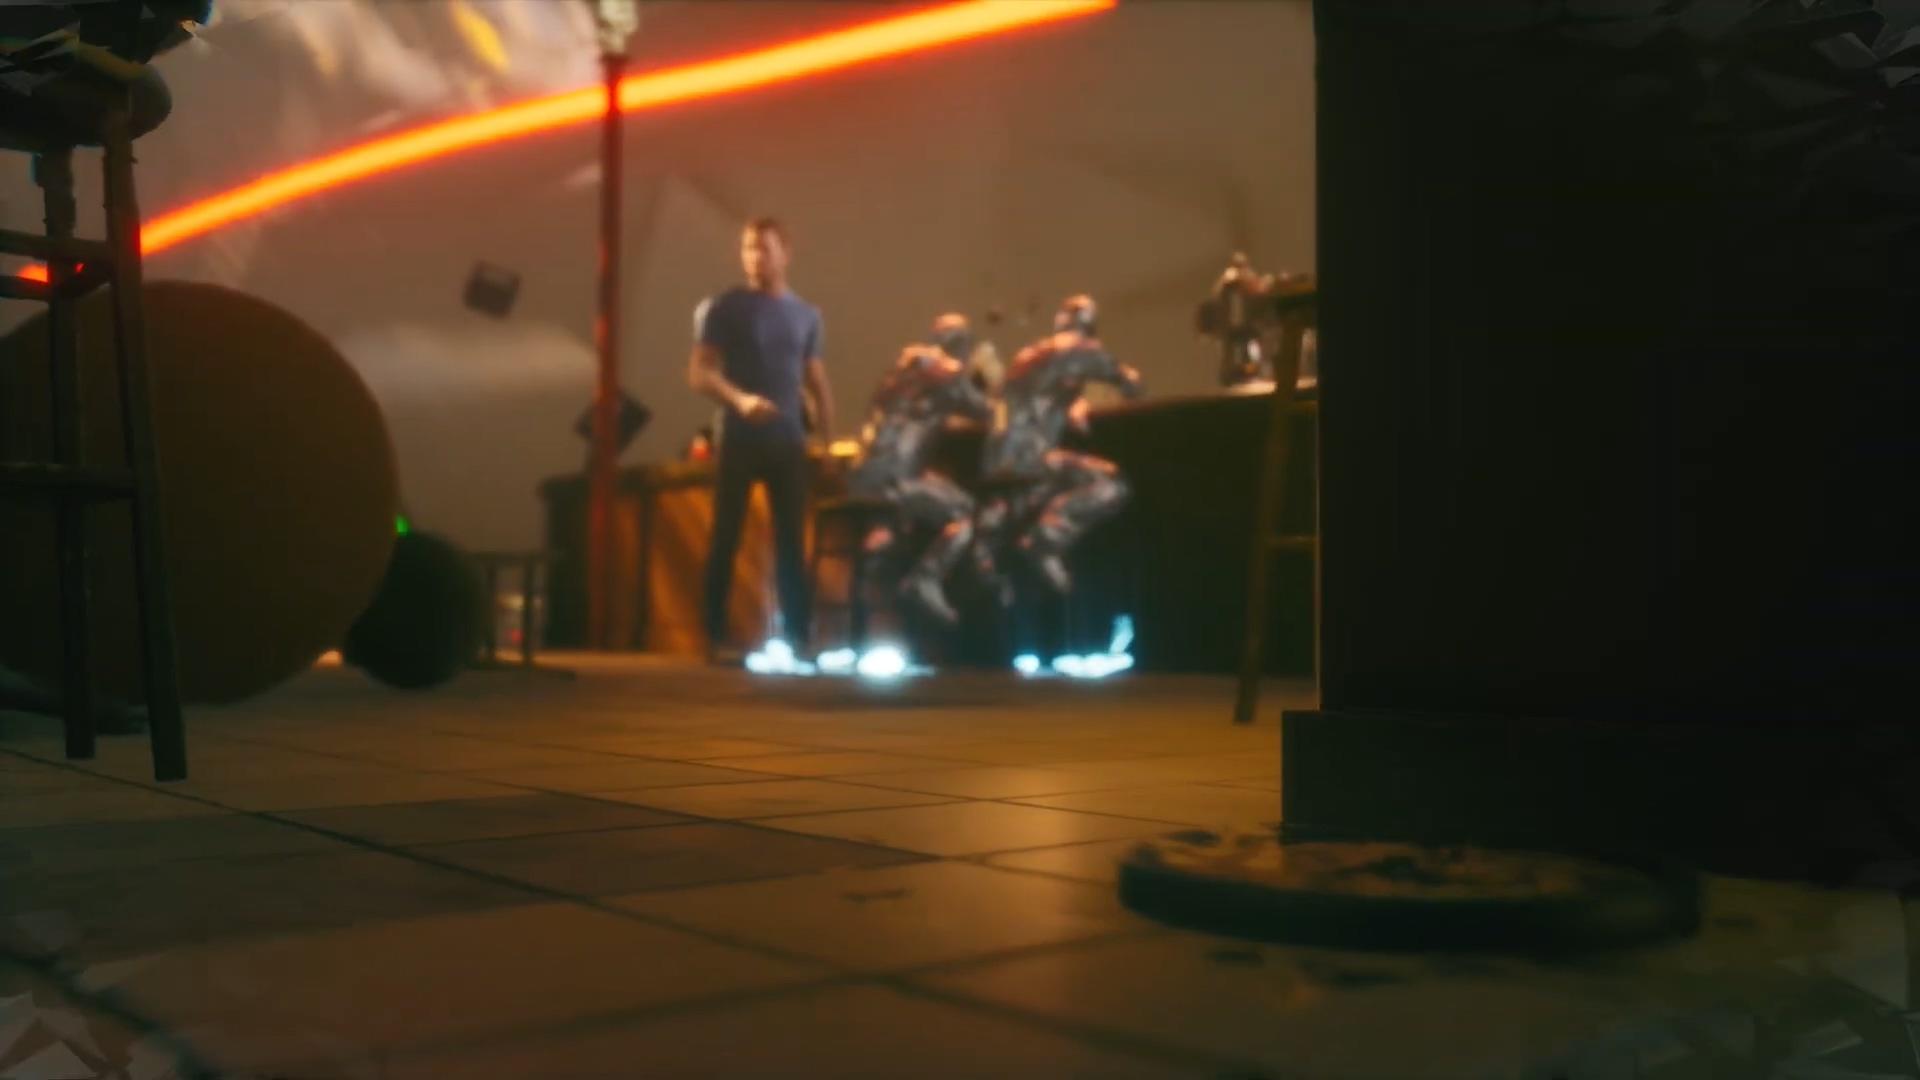 《奇异人生》开发商新作《双镜》12月1日正式发售